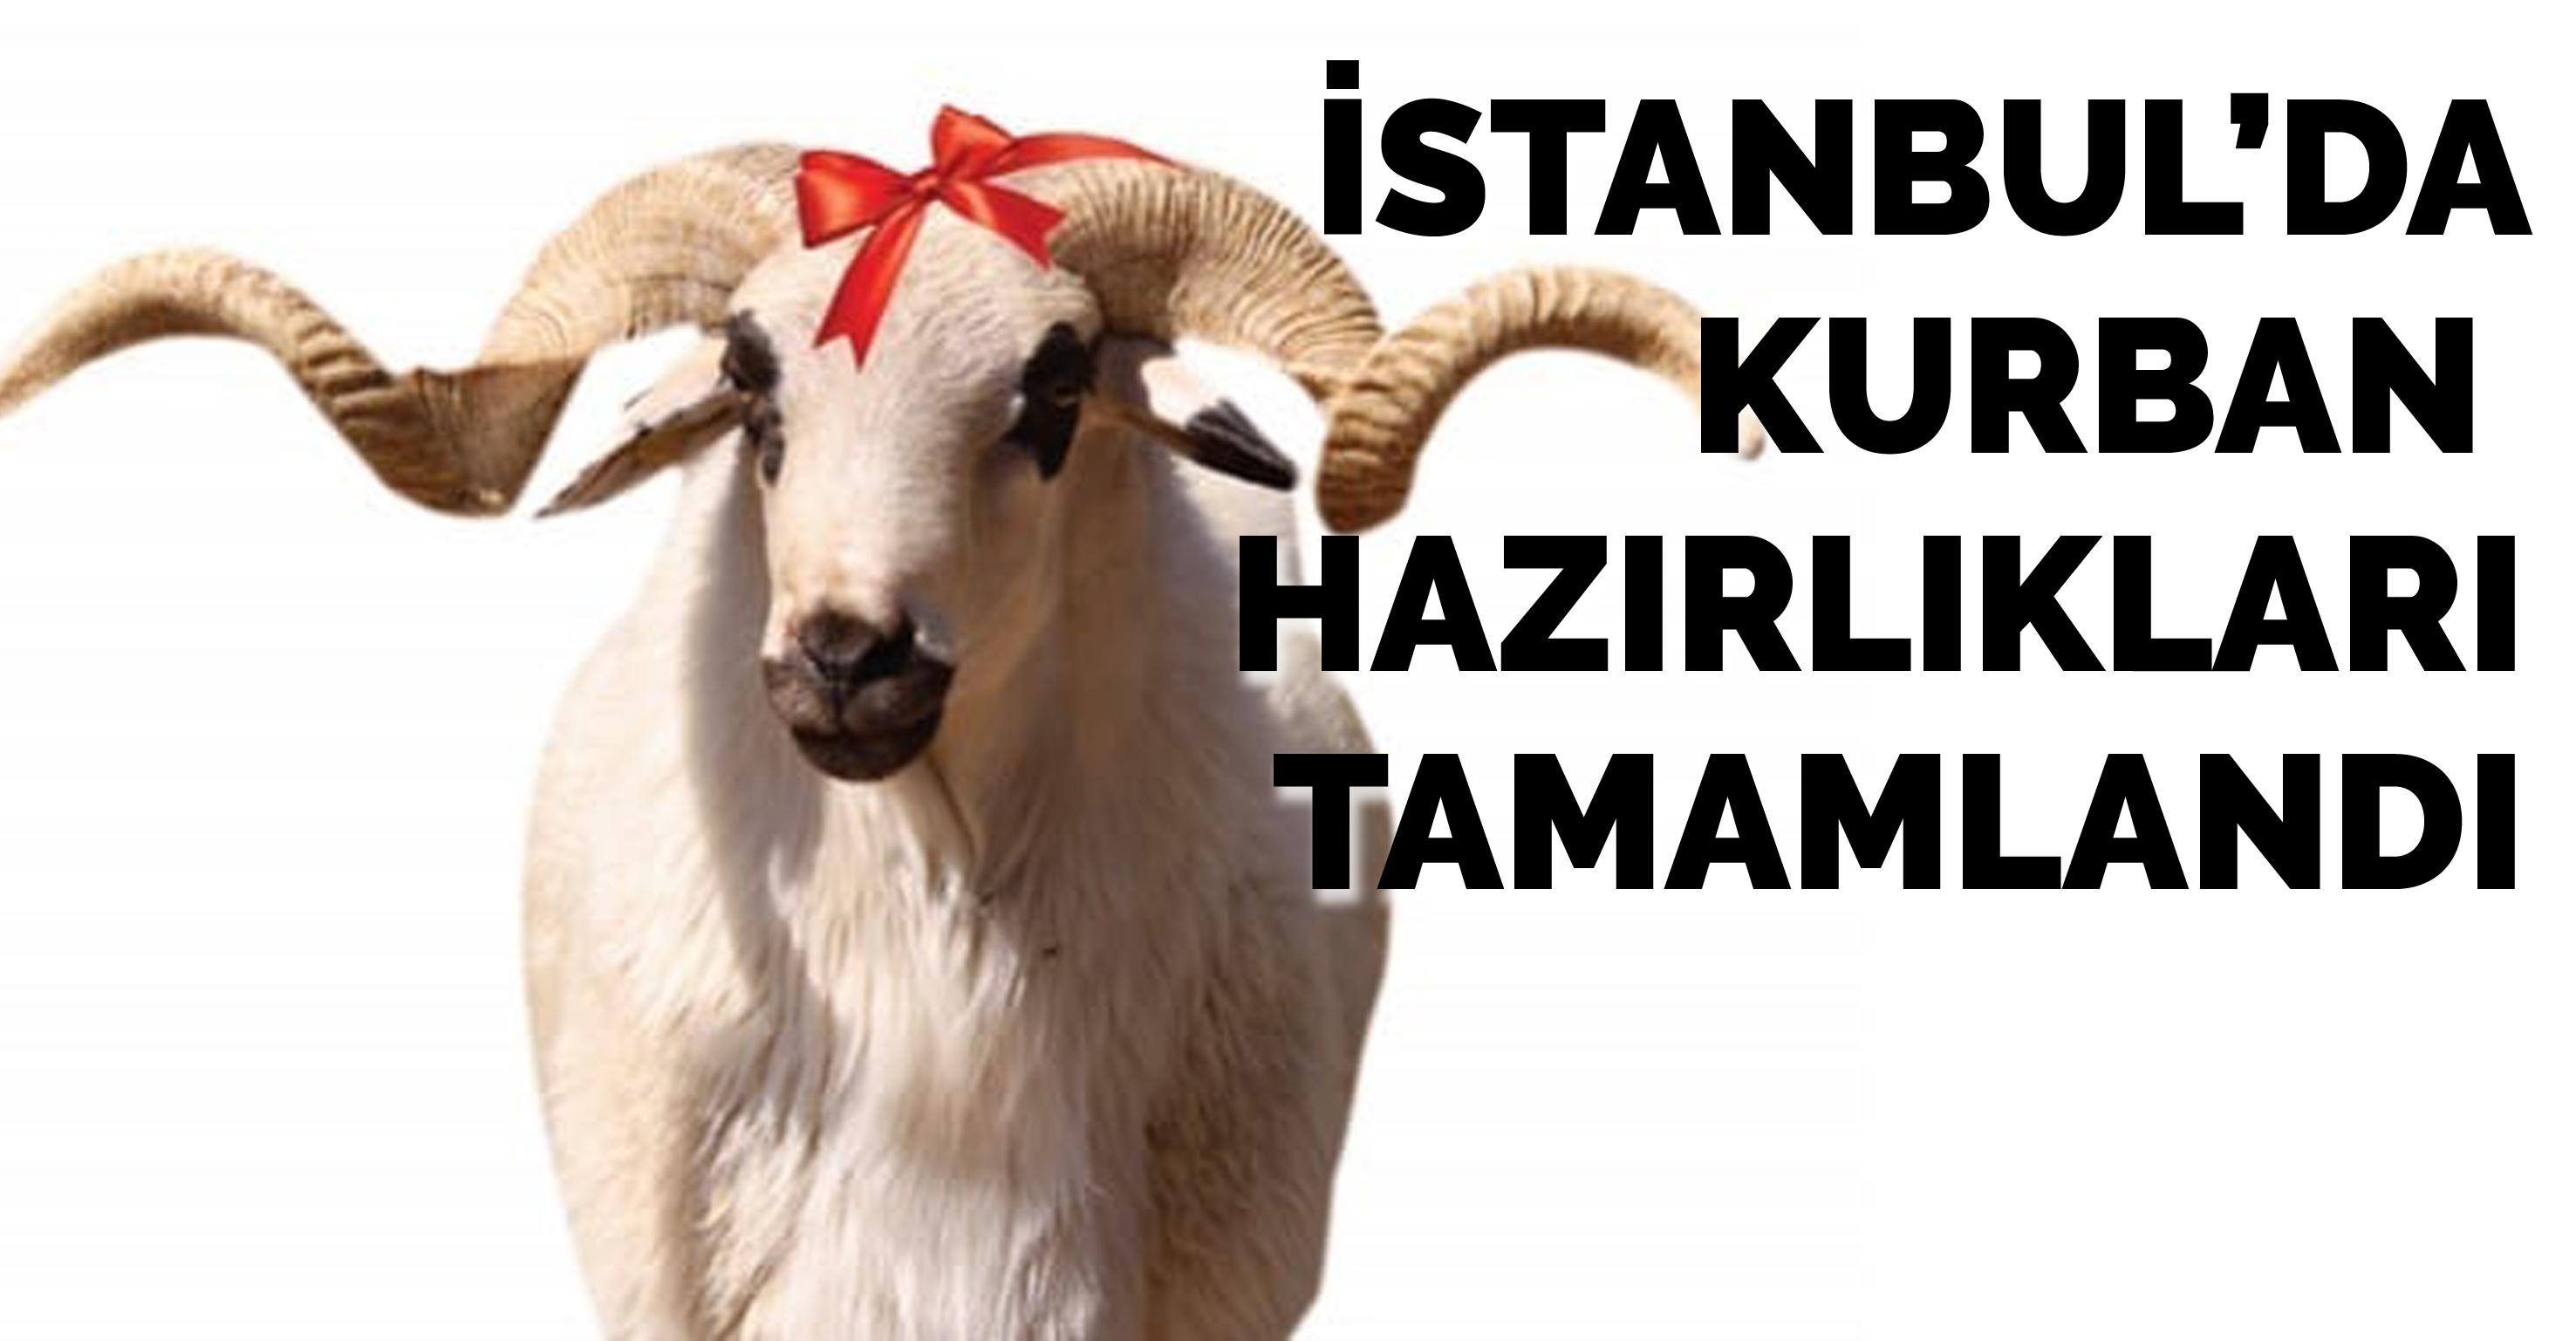 İstanbul'da kurban hazırlıkları tamamlandı